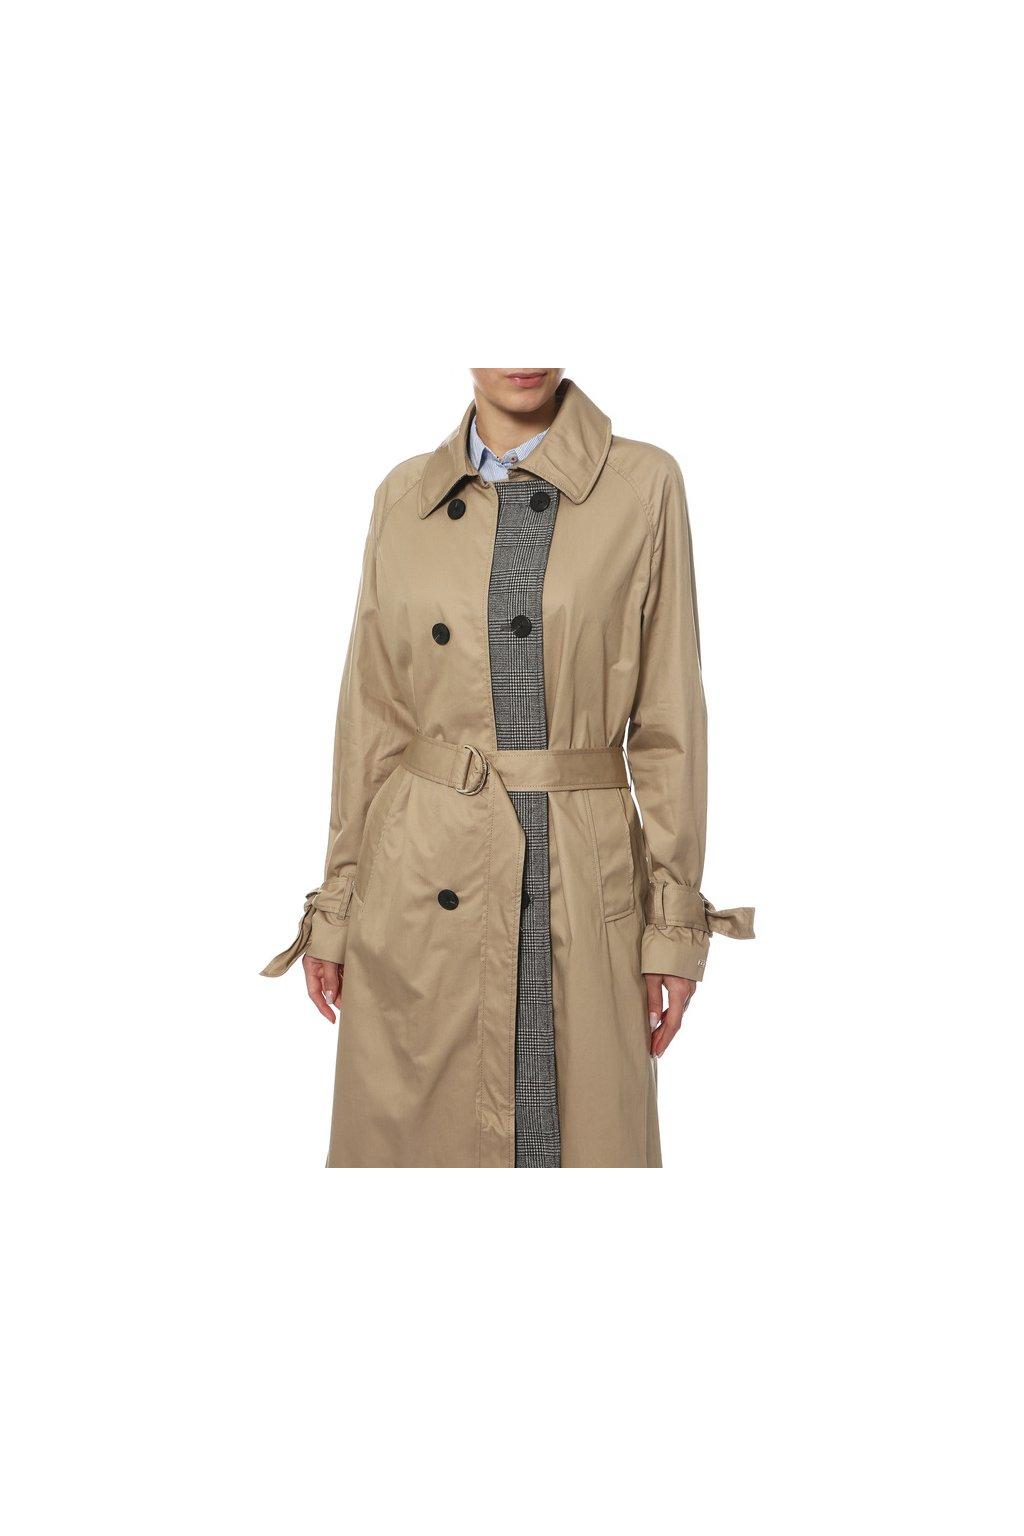 383a7570fc4 Stříbrná bunda s černým lemem Kelly by Sissy de Monte Carlo - Outlet ...